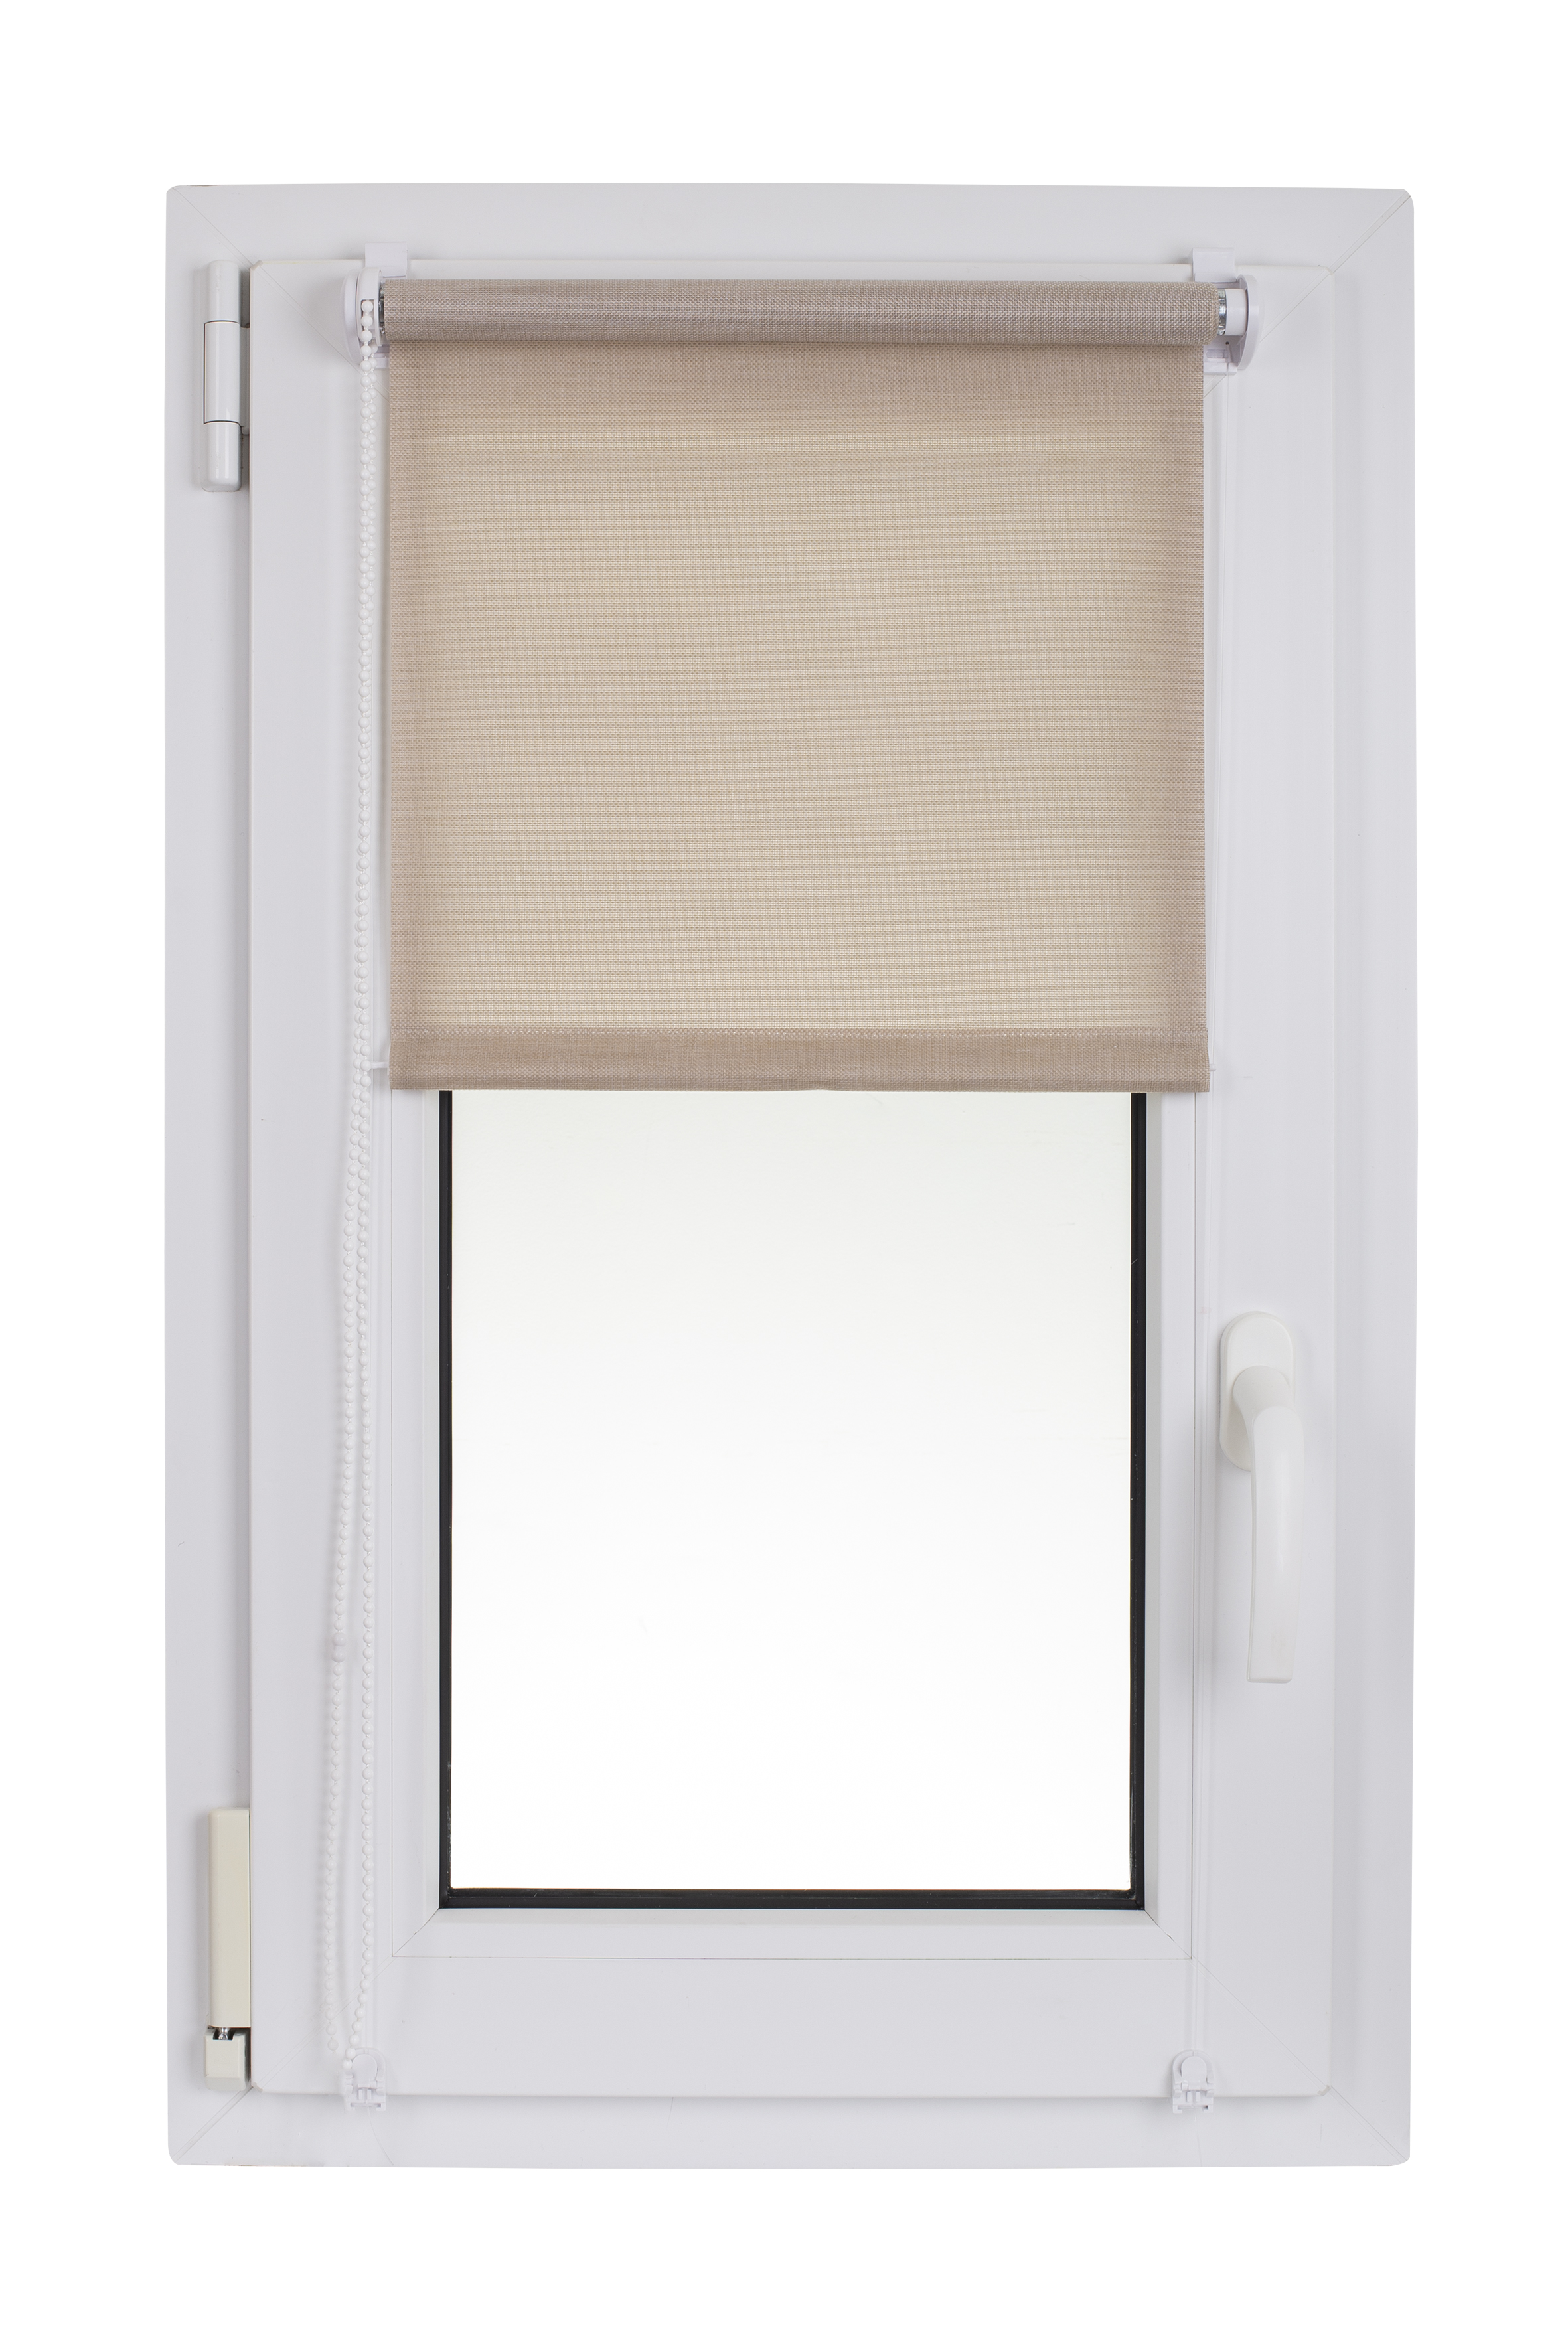 Roleta Madrid 42 x 150 cm světle béžová č. 862 Macher